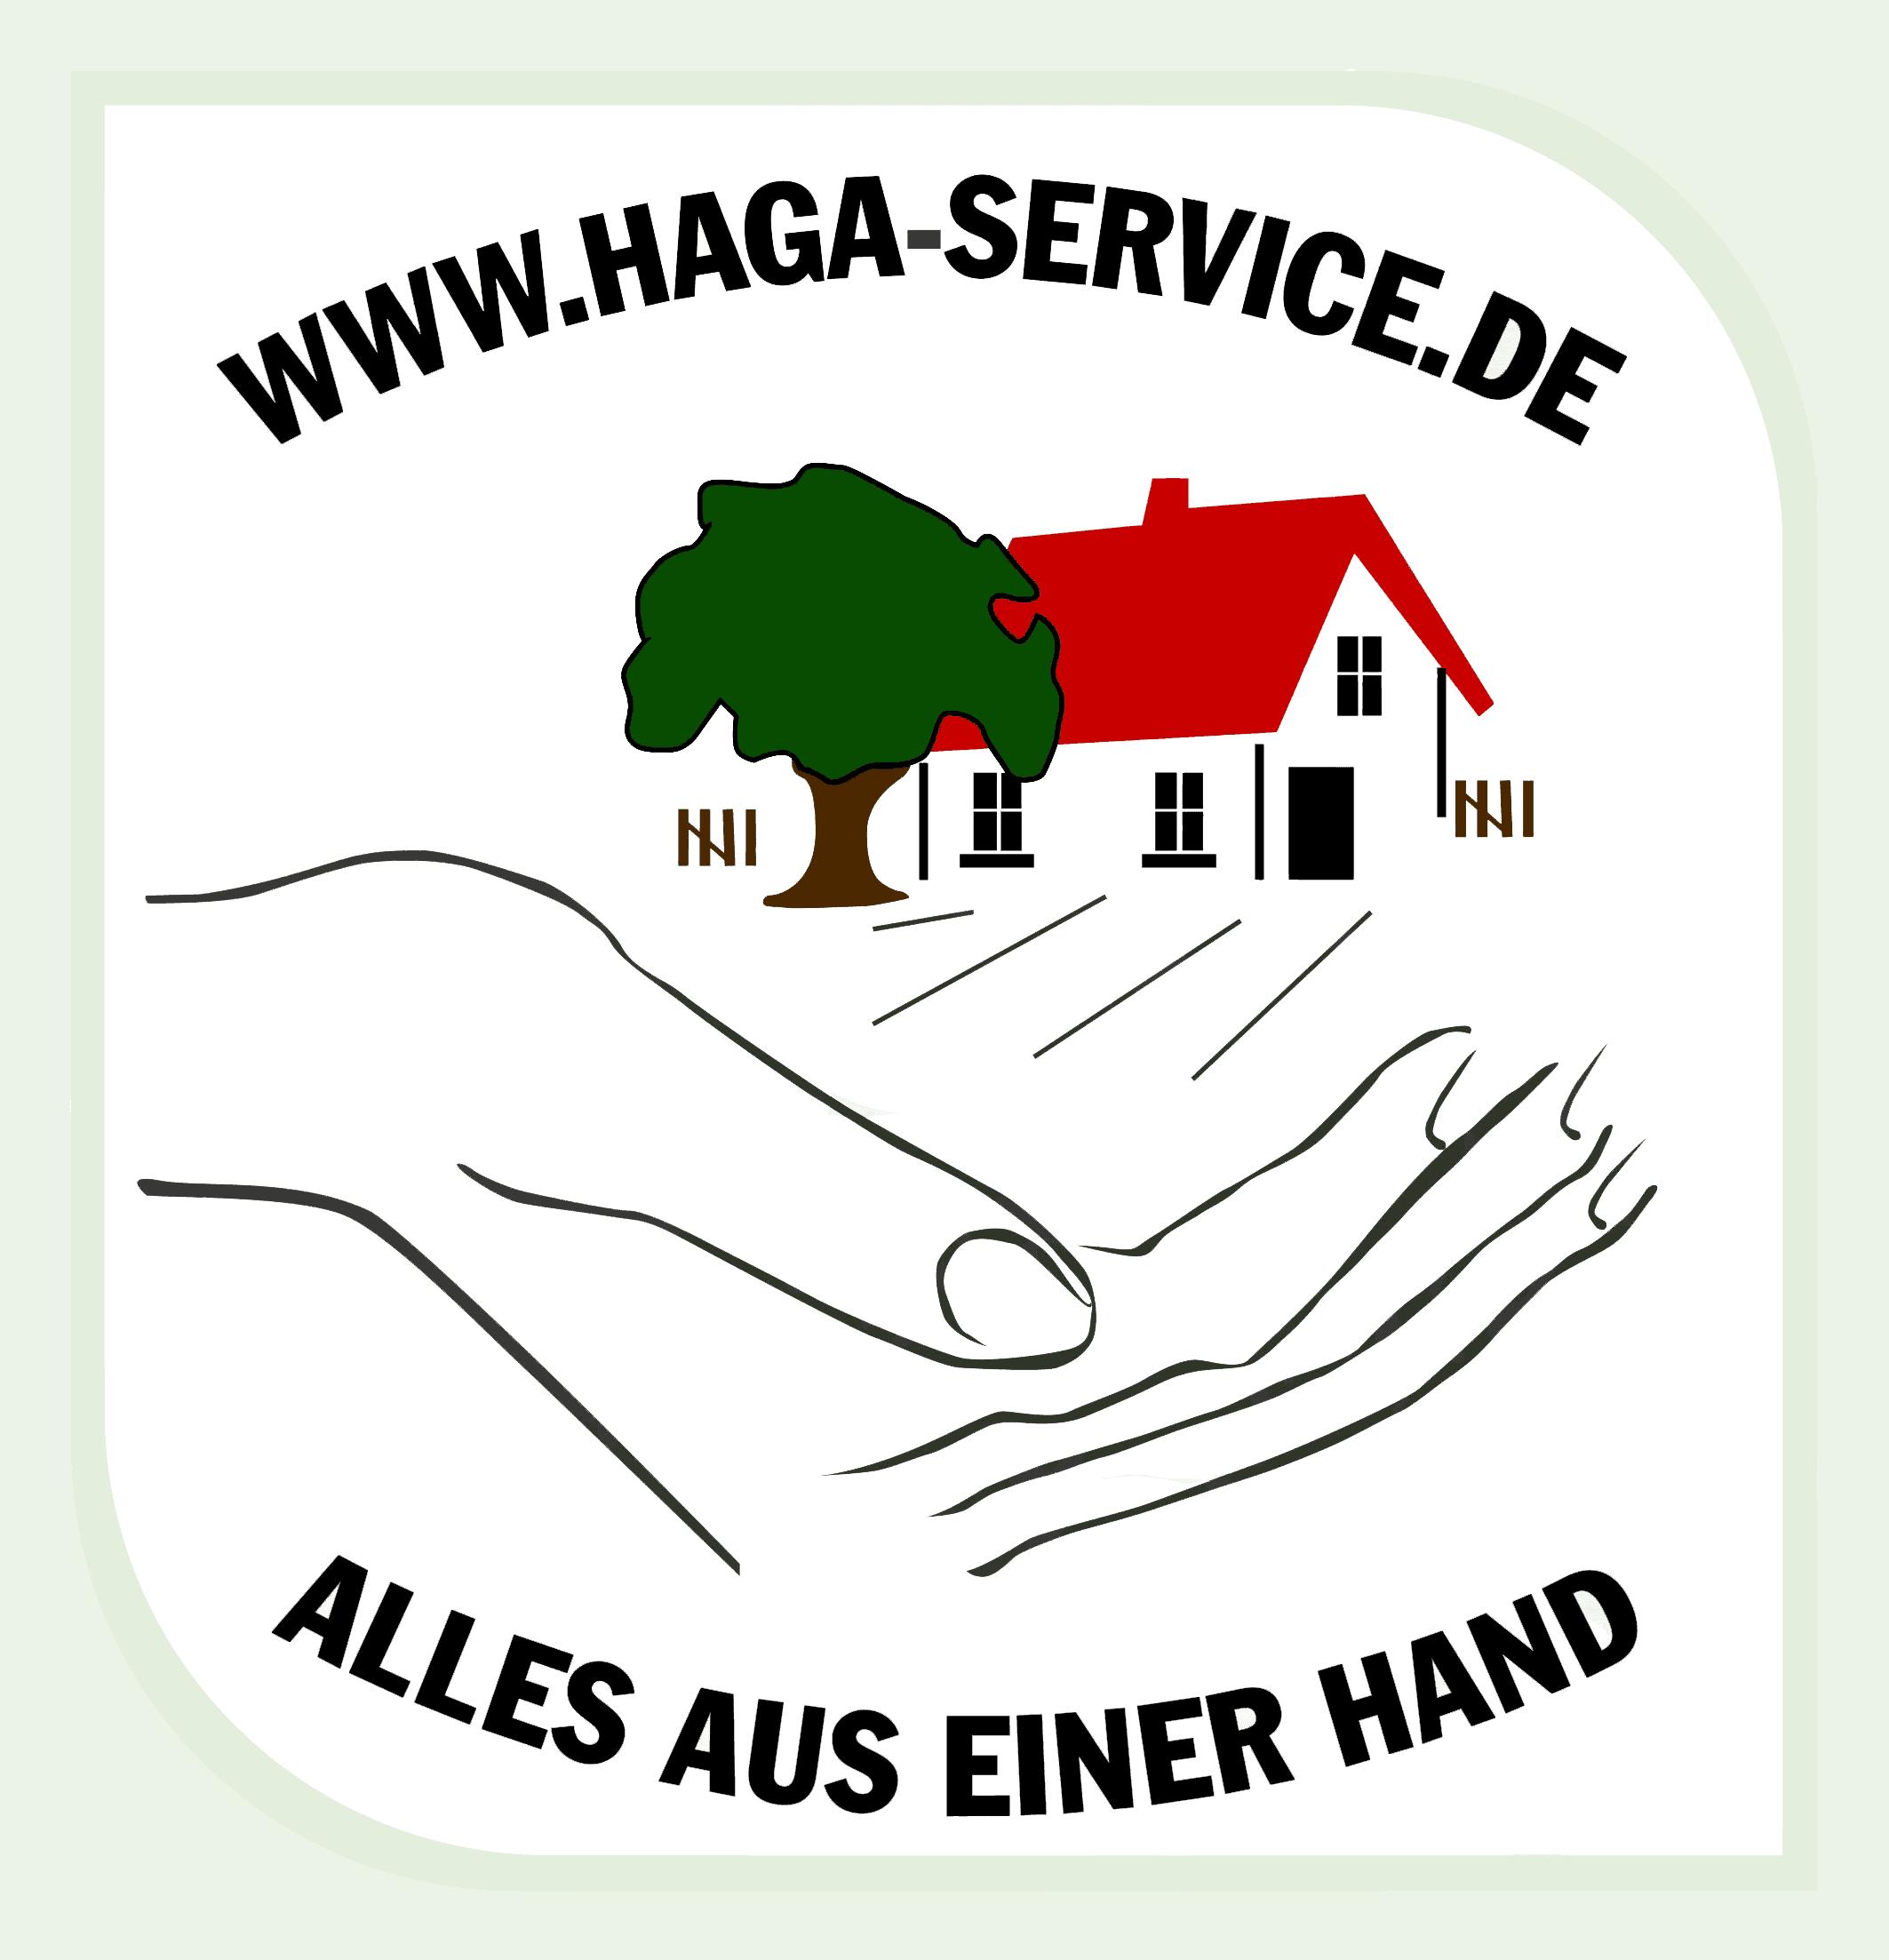 Haga-Service,Dortmund,Urbaniak.Haus,Garten,Serivce,Gartengestalltung,Heckenschnitt,Hand